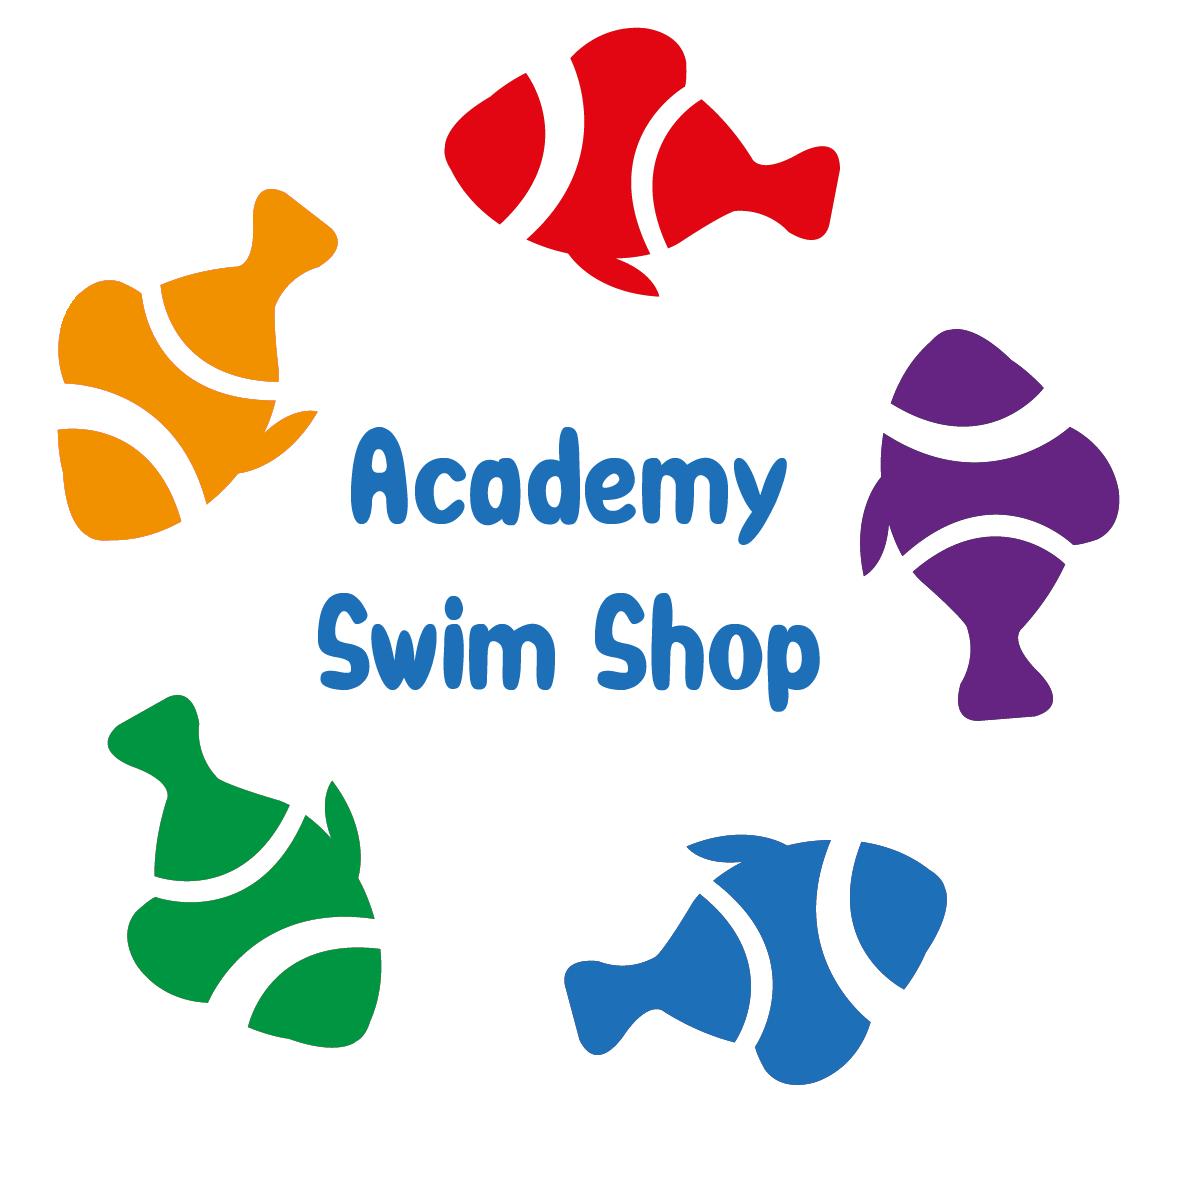 Academy Swim Shop